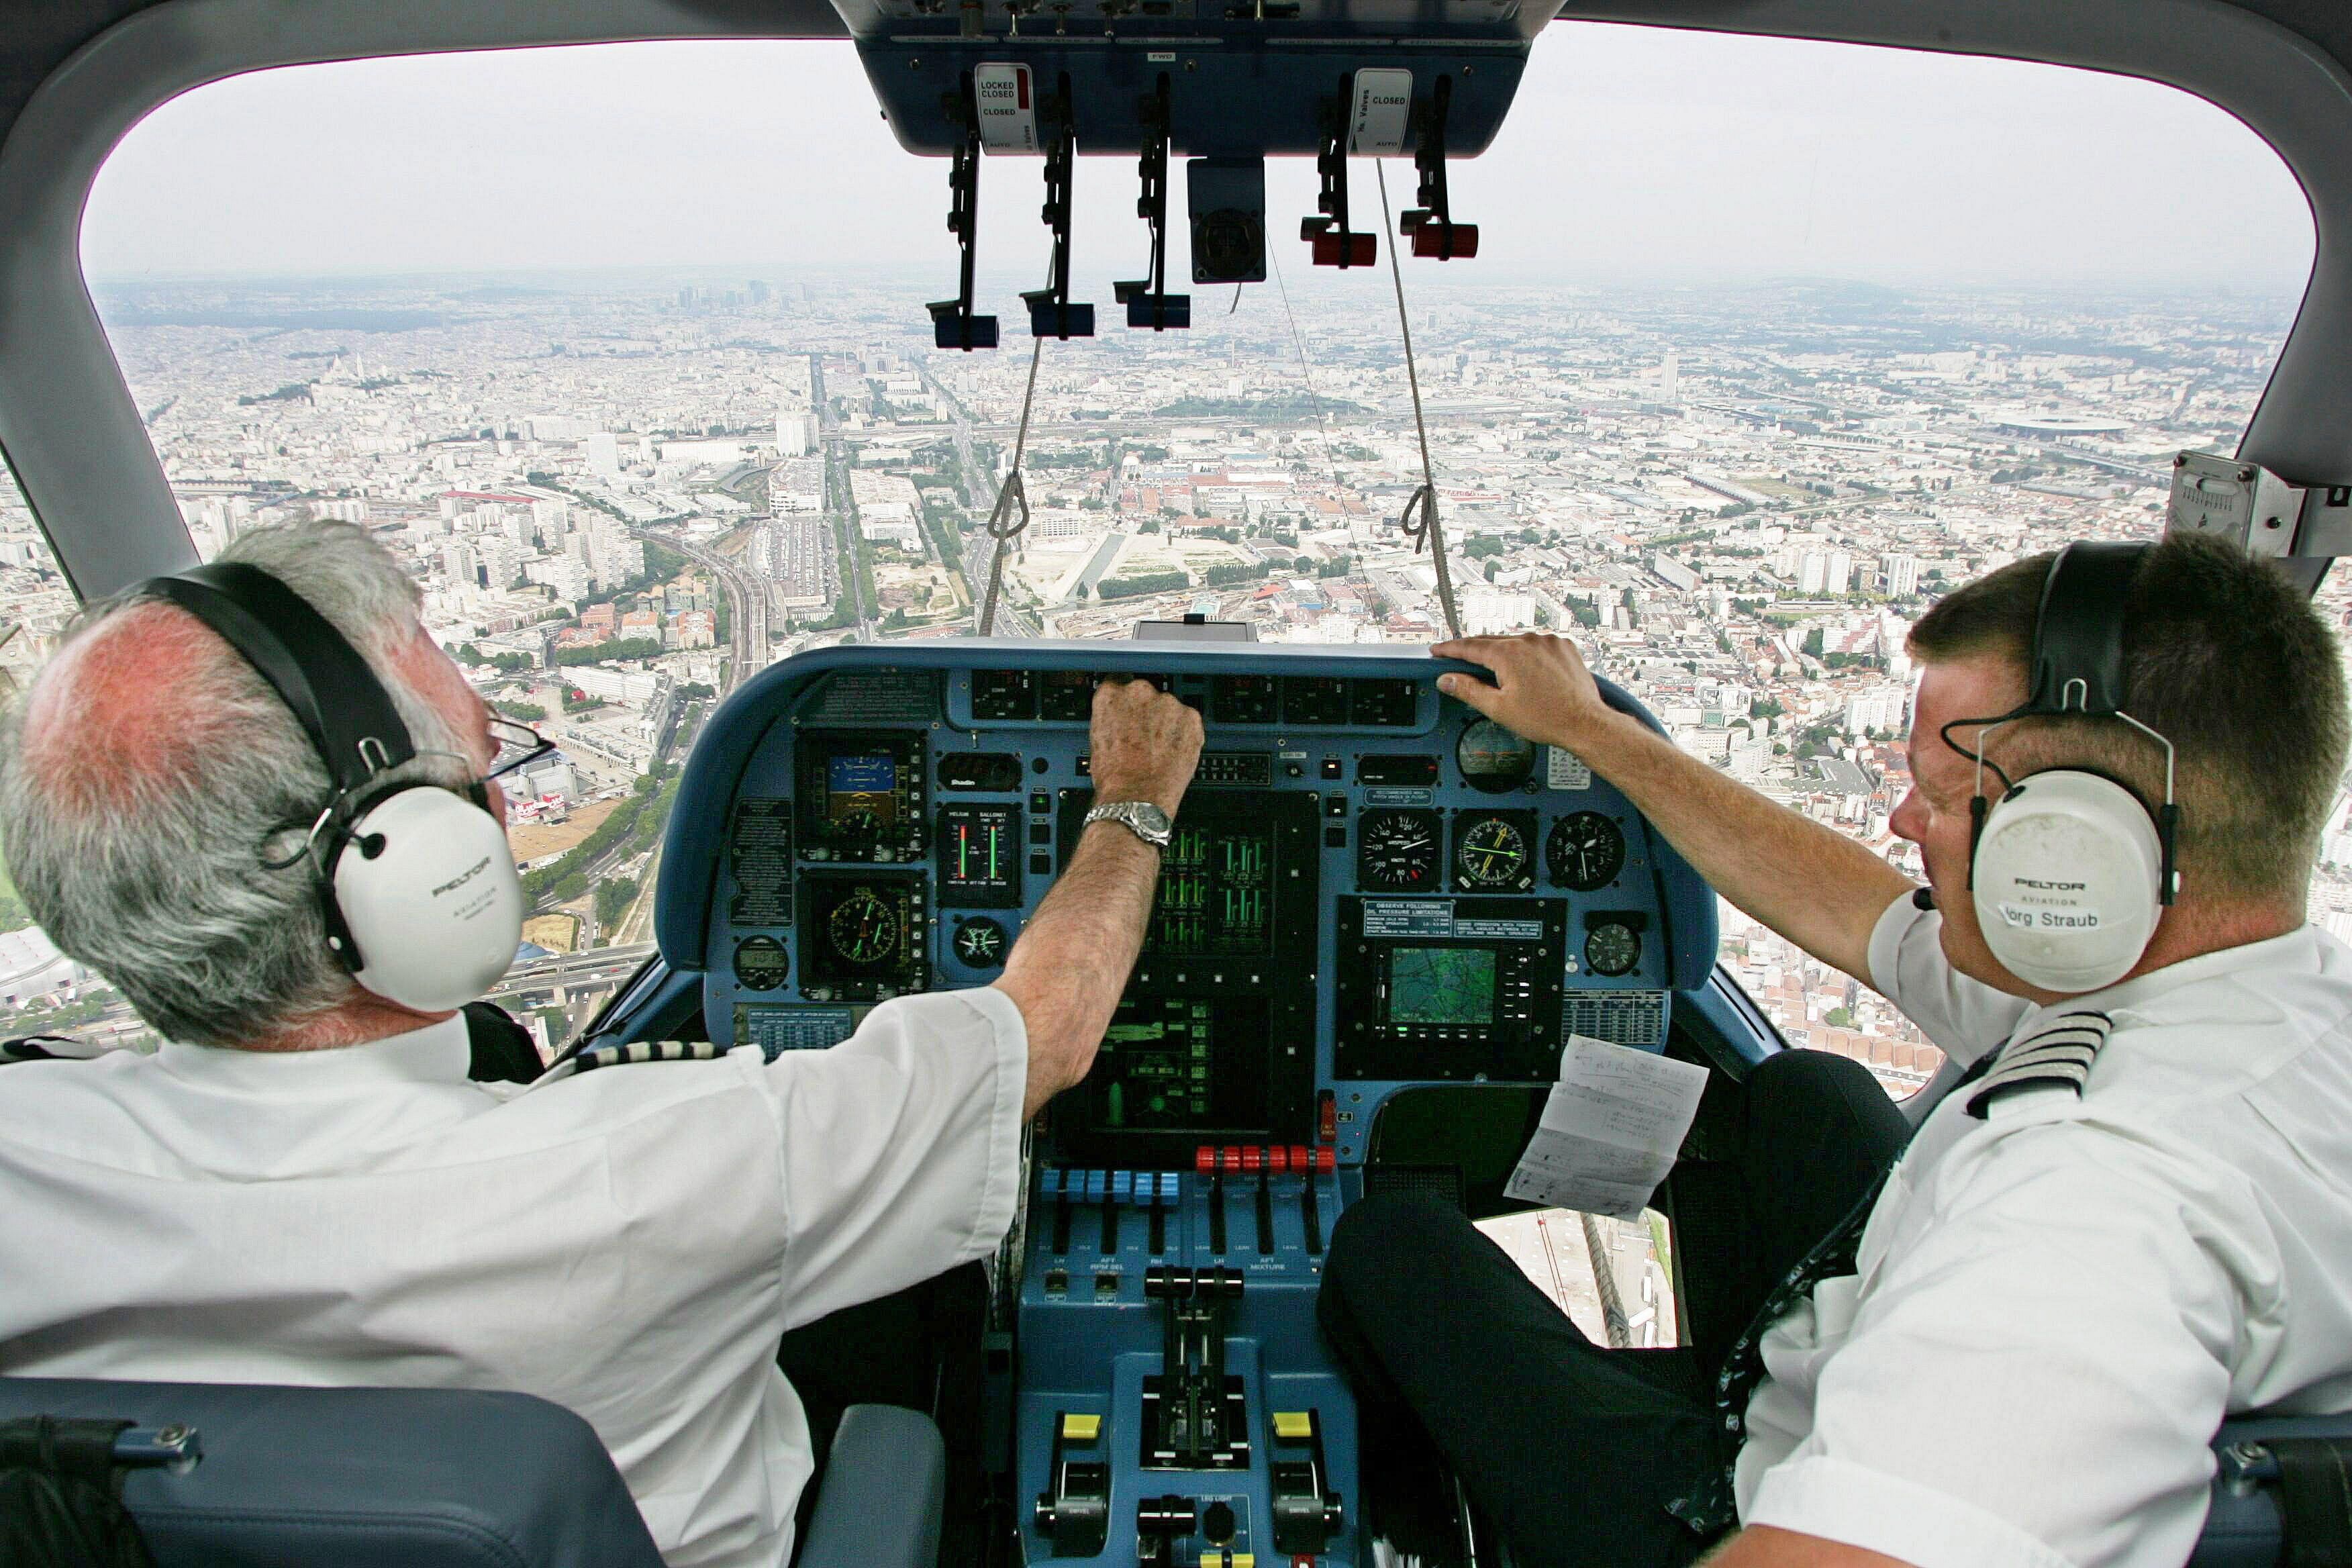 Les turbulences en avion ne sont pas dangeureuses.